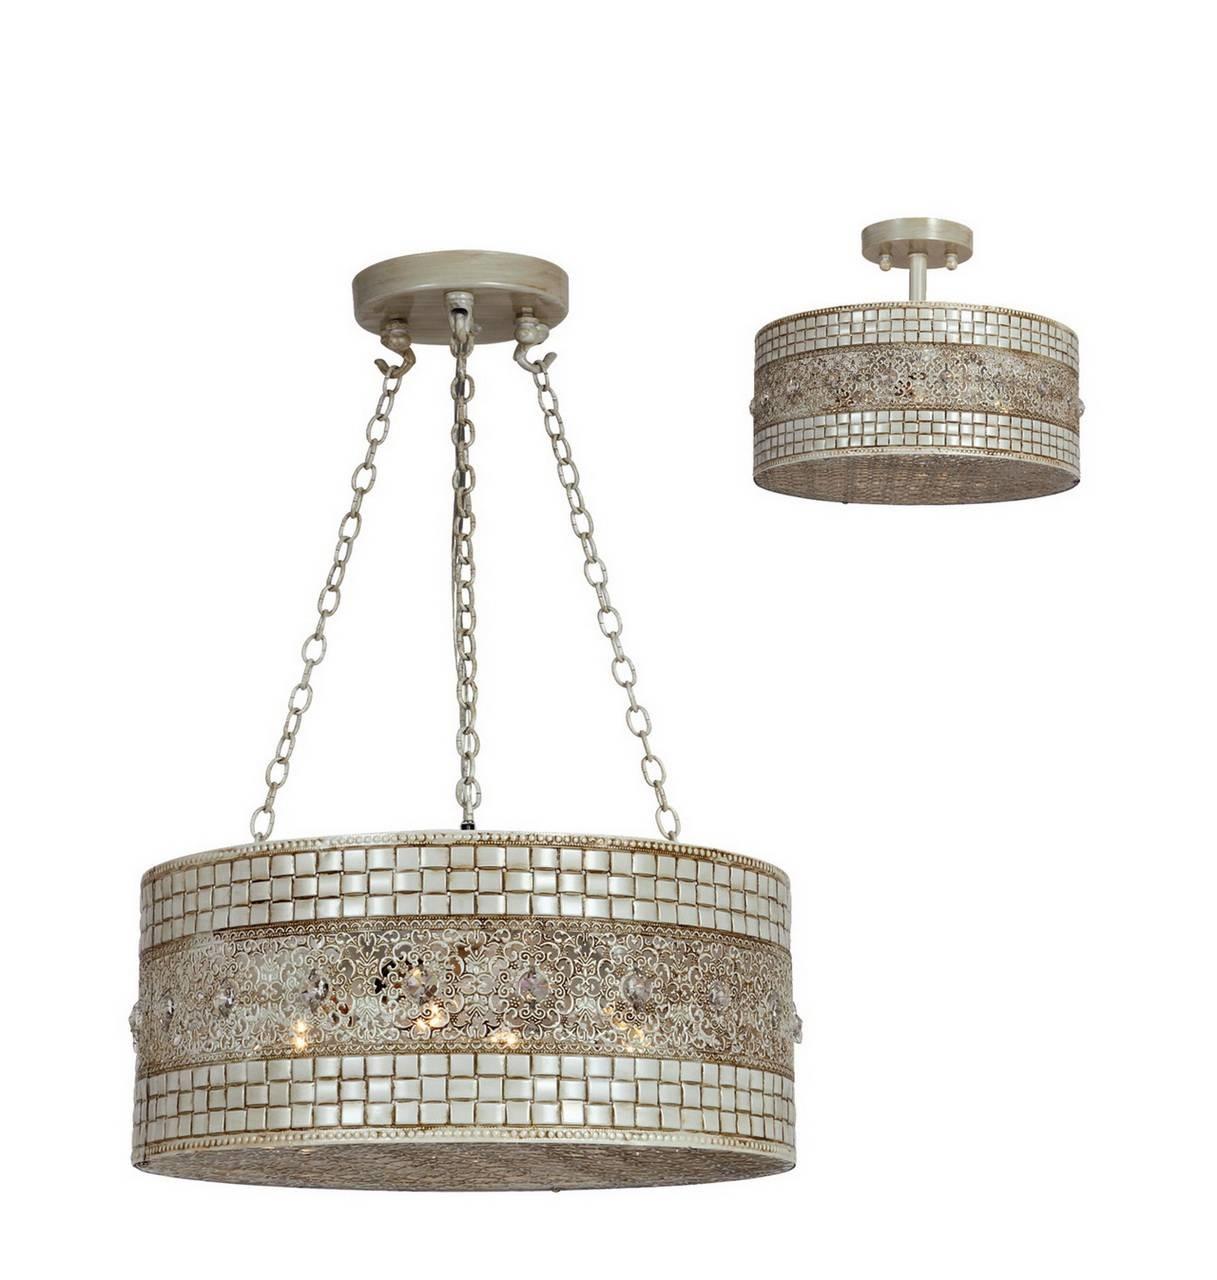 Купить со скидкой Подвесной светильник Favourite Tangier в стиле прованс